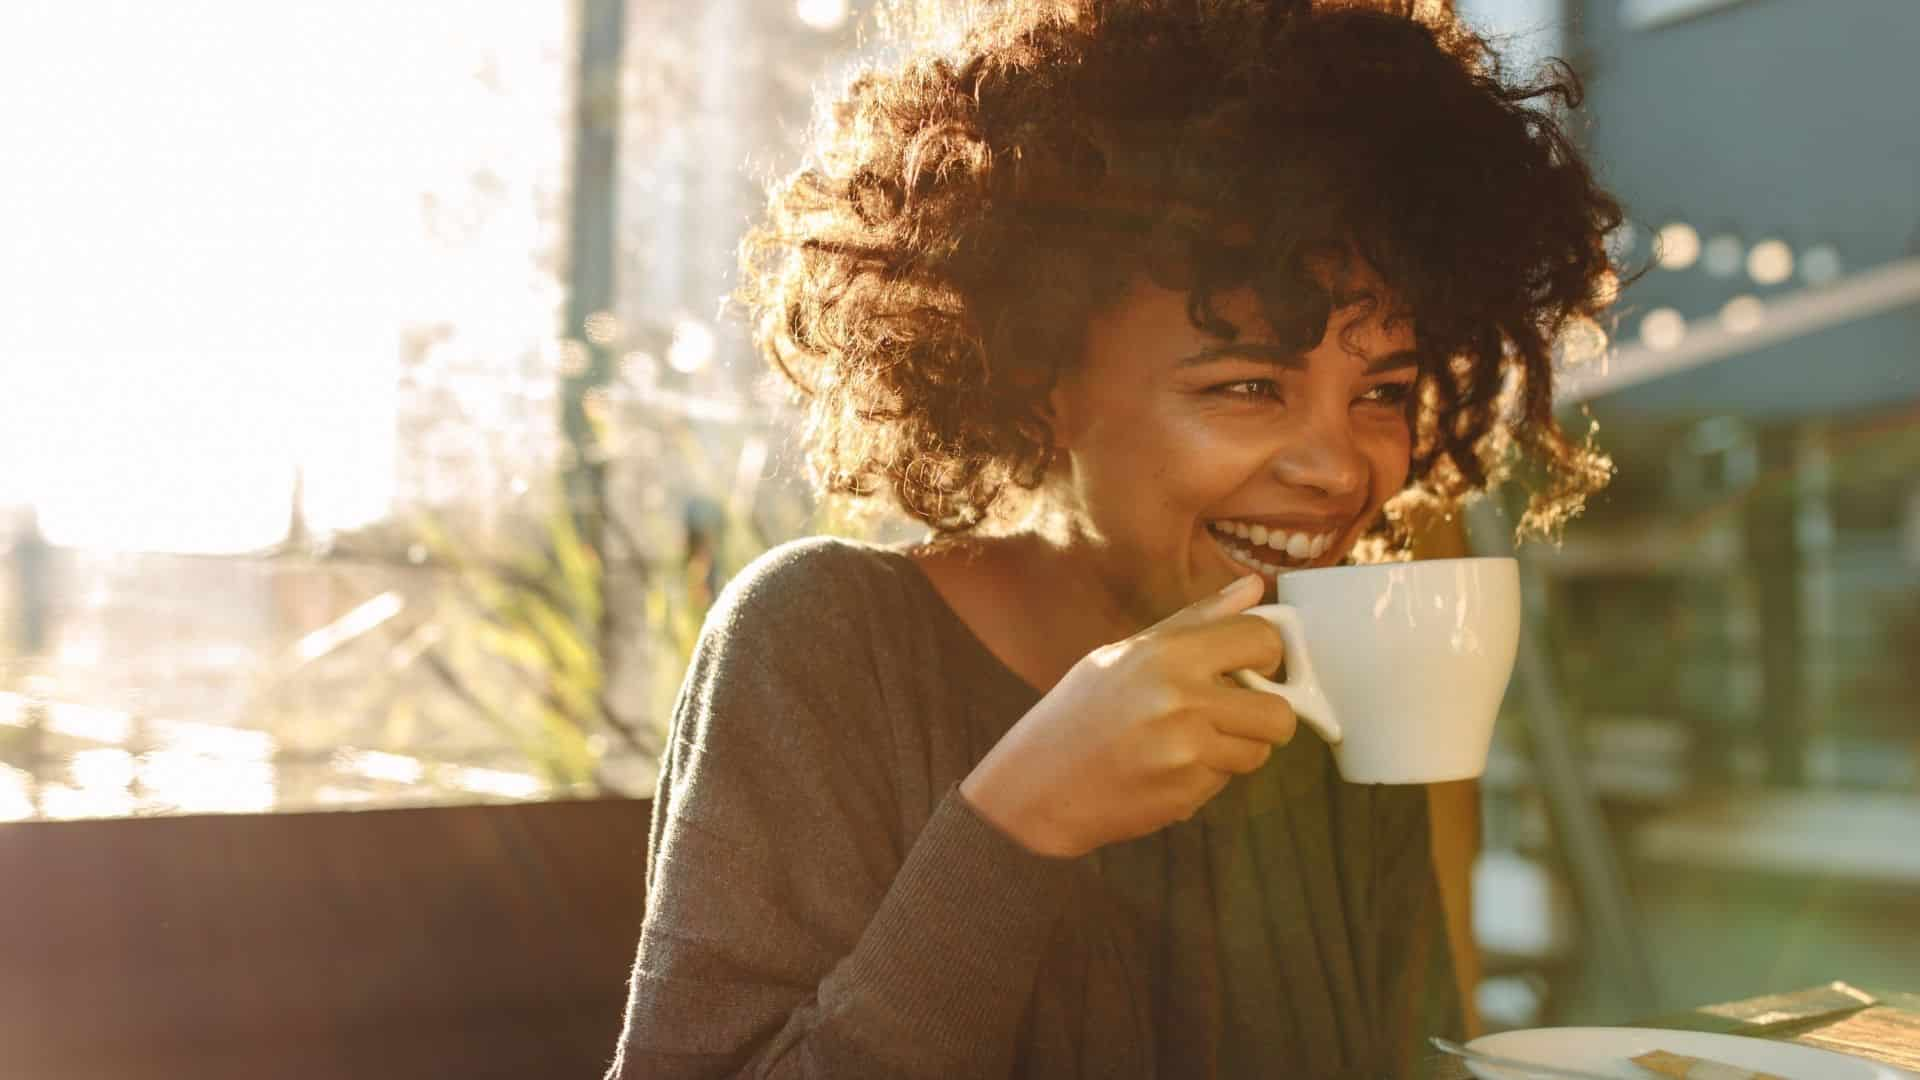 Ez nem meglepő, hogy a 64 százaléka az amerikai felnőttek számolnak iszik legalább egy csésze kávé ivás naponta. 11 százaléka egy óriási, négy vagy annál több kávé ivás! Mi több, átlagos akár három csésze kávét iszik naponta. Annyi ember kavargatja a kávét, ezért úgy döntöttünk, hogy belevetjük magunkat a dolgok árnyaltabb és meglepőbb listájába, amelyeket a kávé tehet az emberi test számára.